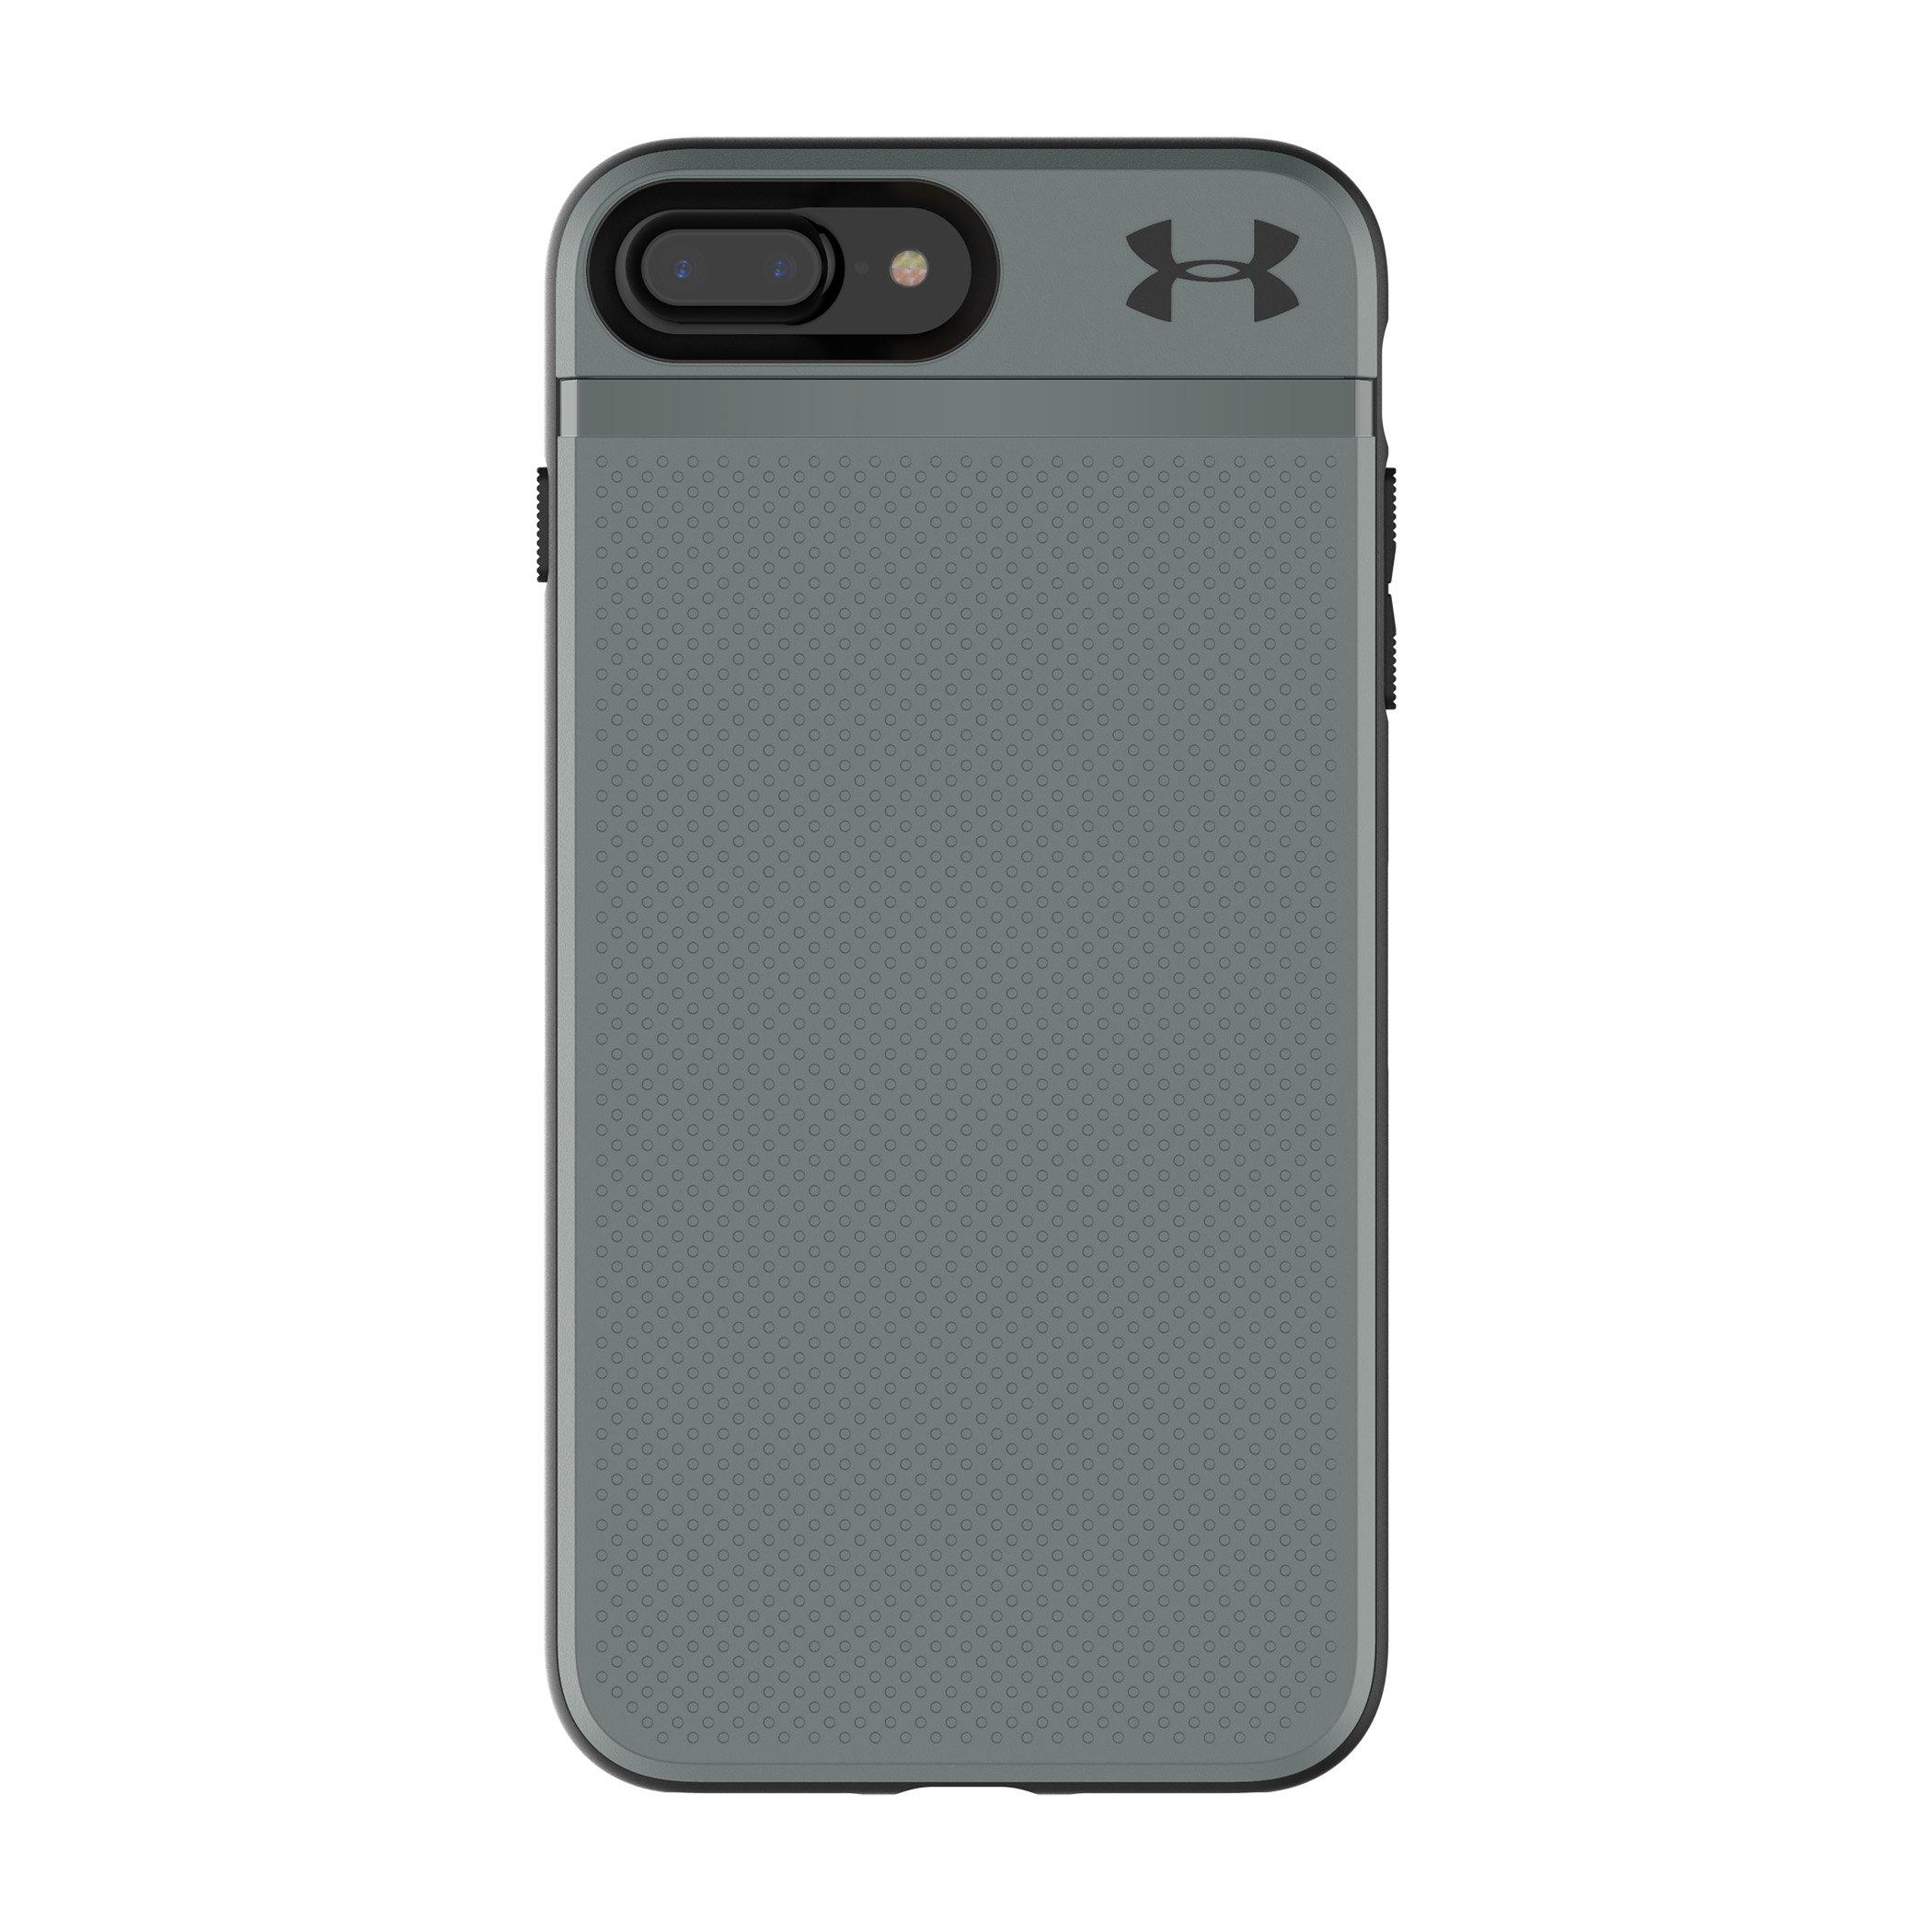 Under Armour UA Protect Stash Case for iPhone 8 Plus & iPhone 7 Plus - Graphite/Black